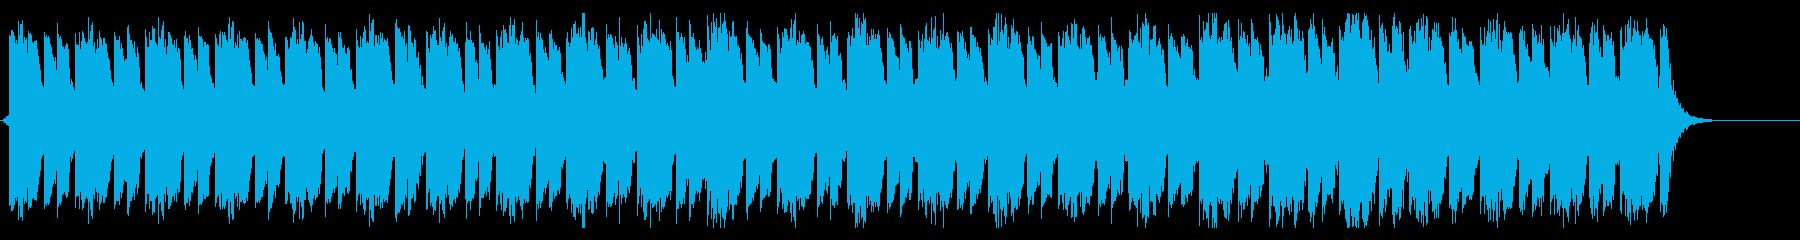 奇怪なインダストリアルアンビエントの再生済みの波形